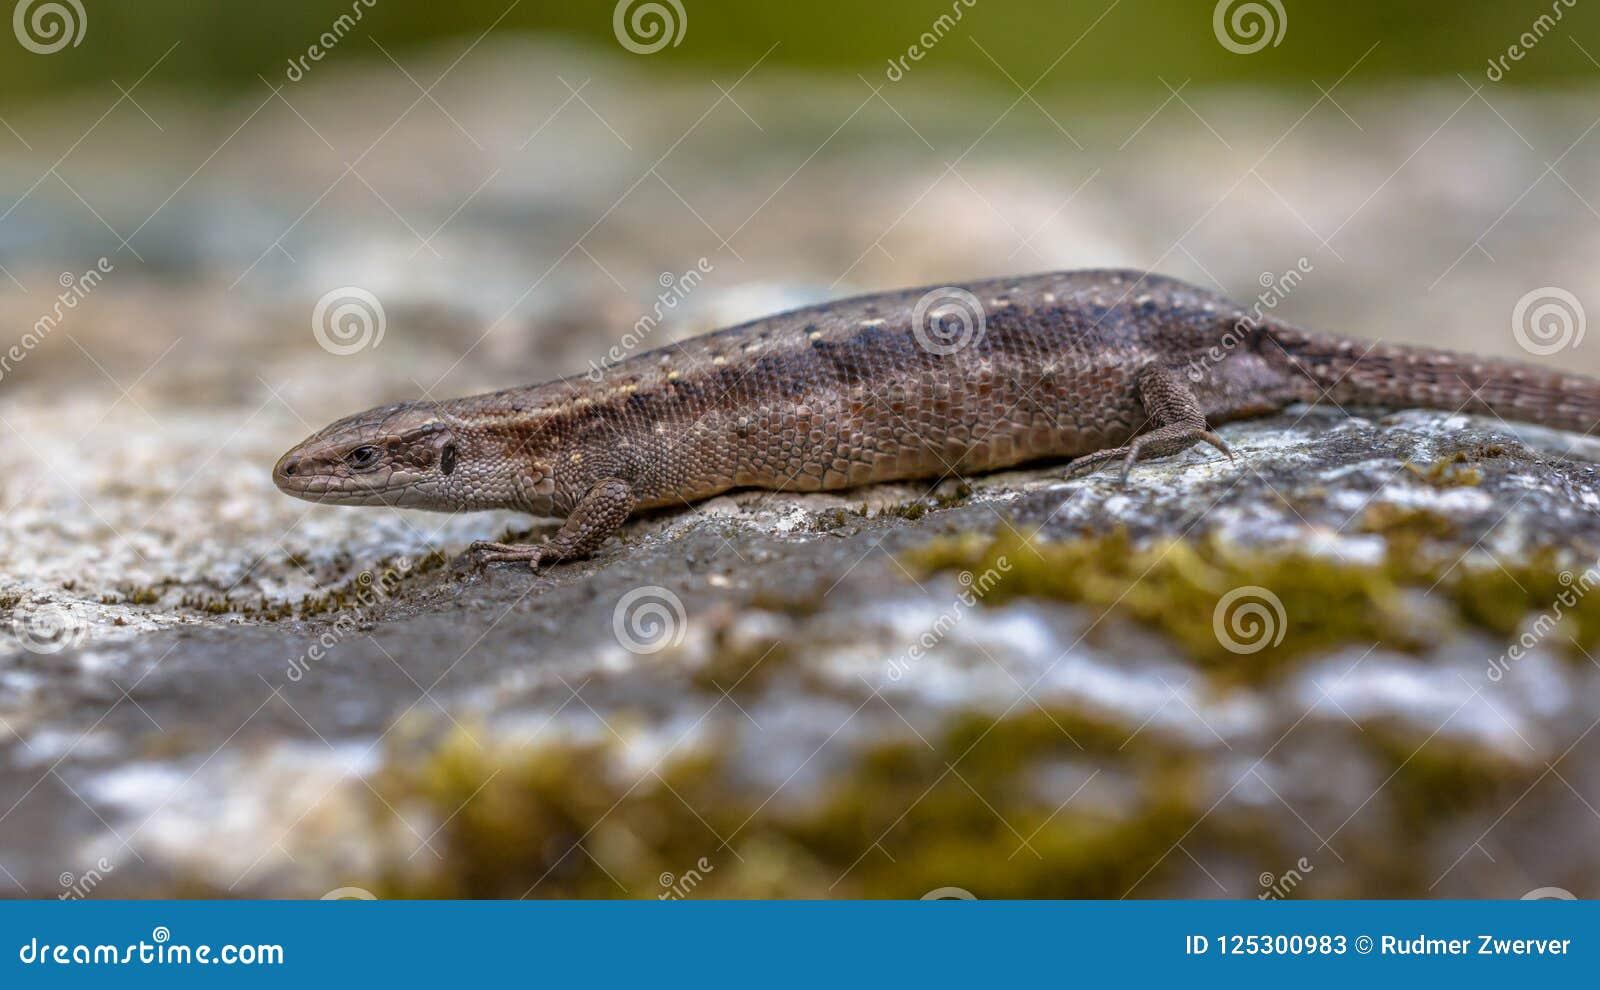 Pregnant or gravid female of Viviparous lizard